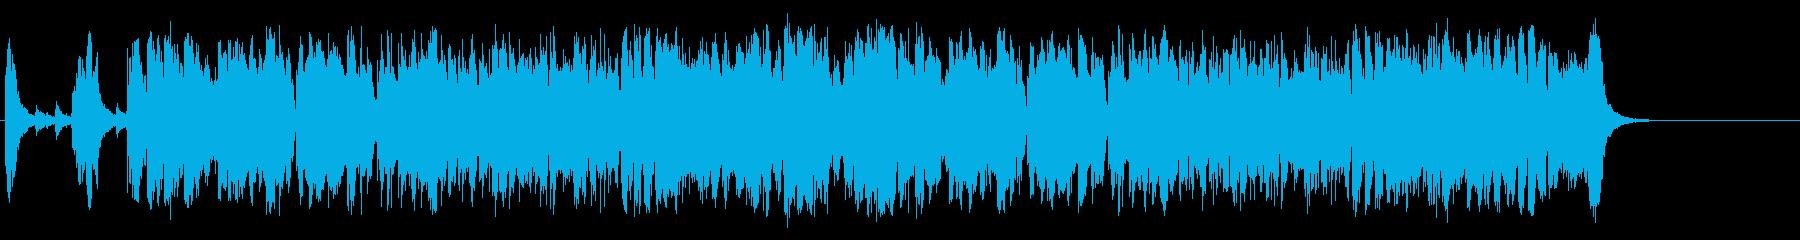 洋風捕物帖風マイナージャズポップの再生済みの波形